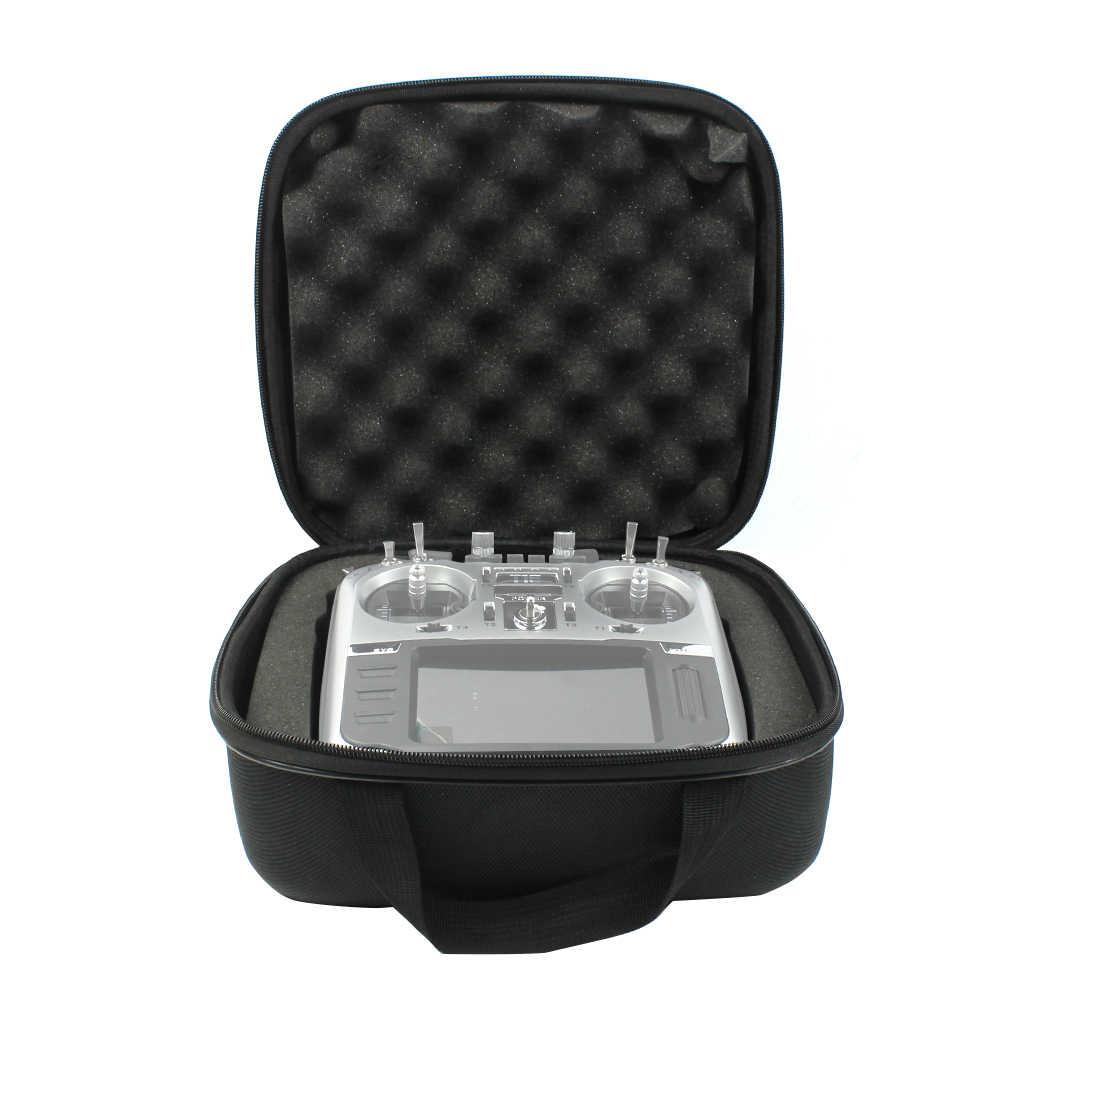 Sac de rangement universel en Nylon pour télécommande pour cavalier T16 Pro FrSky X9D pour Radiolink AT9S pour contrôleur Radio Flysky